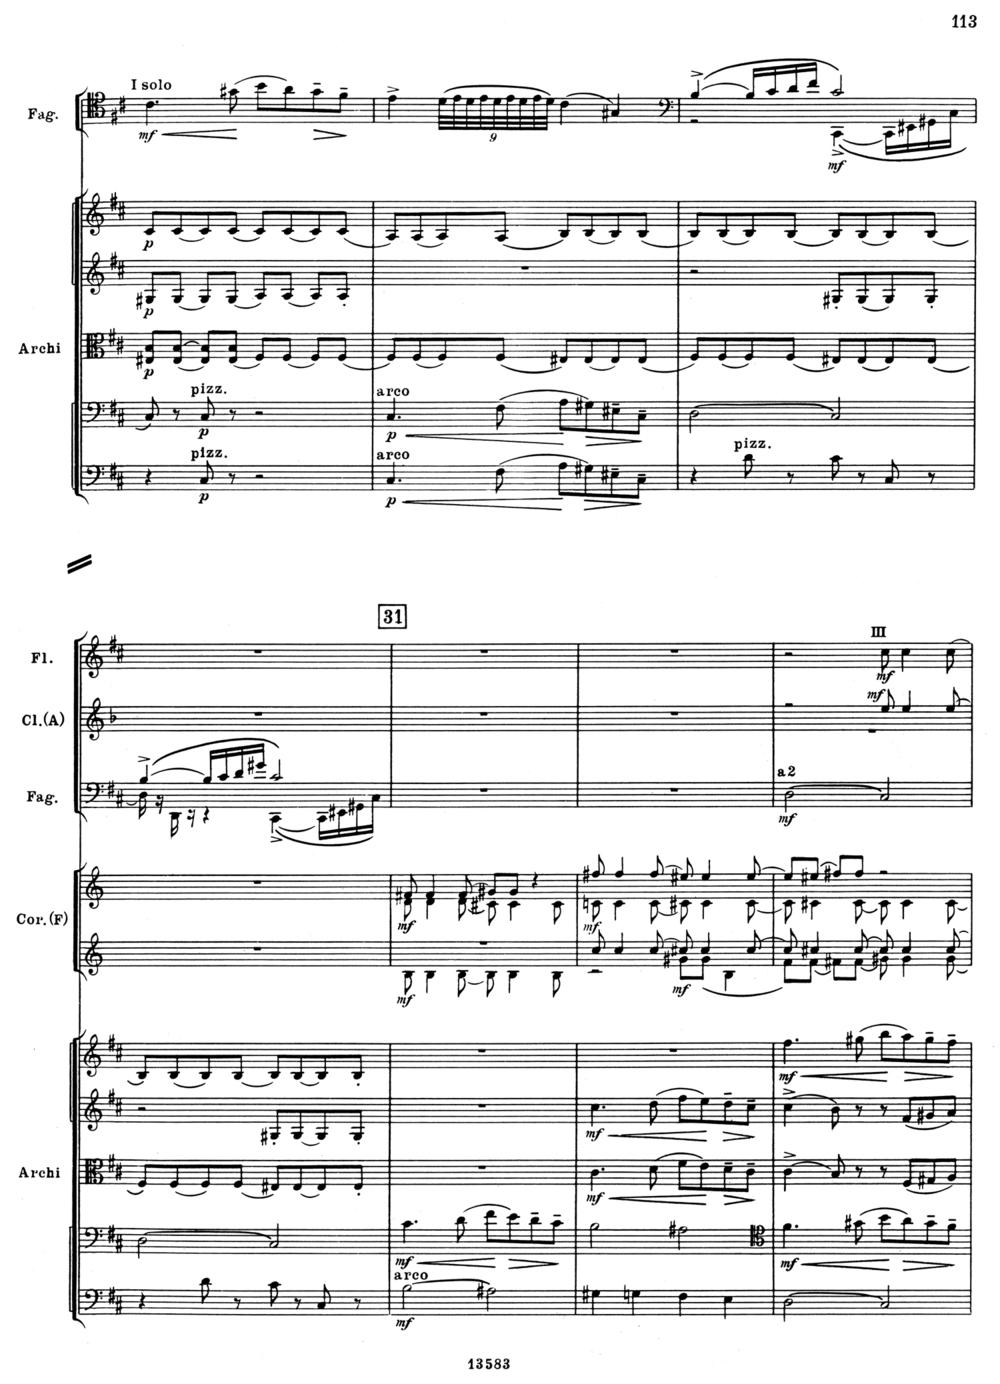 Tchaikovsky 5 Mvt 2 Score 1.jpg